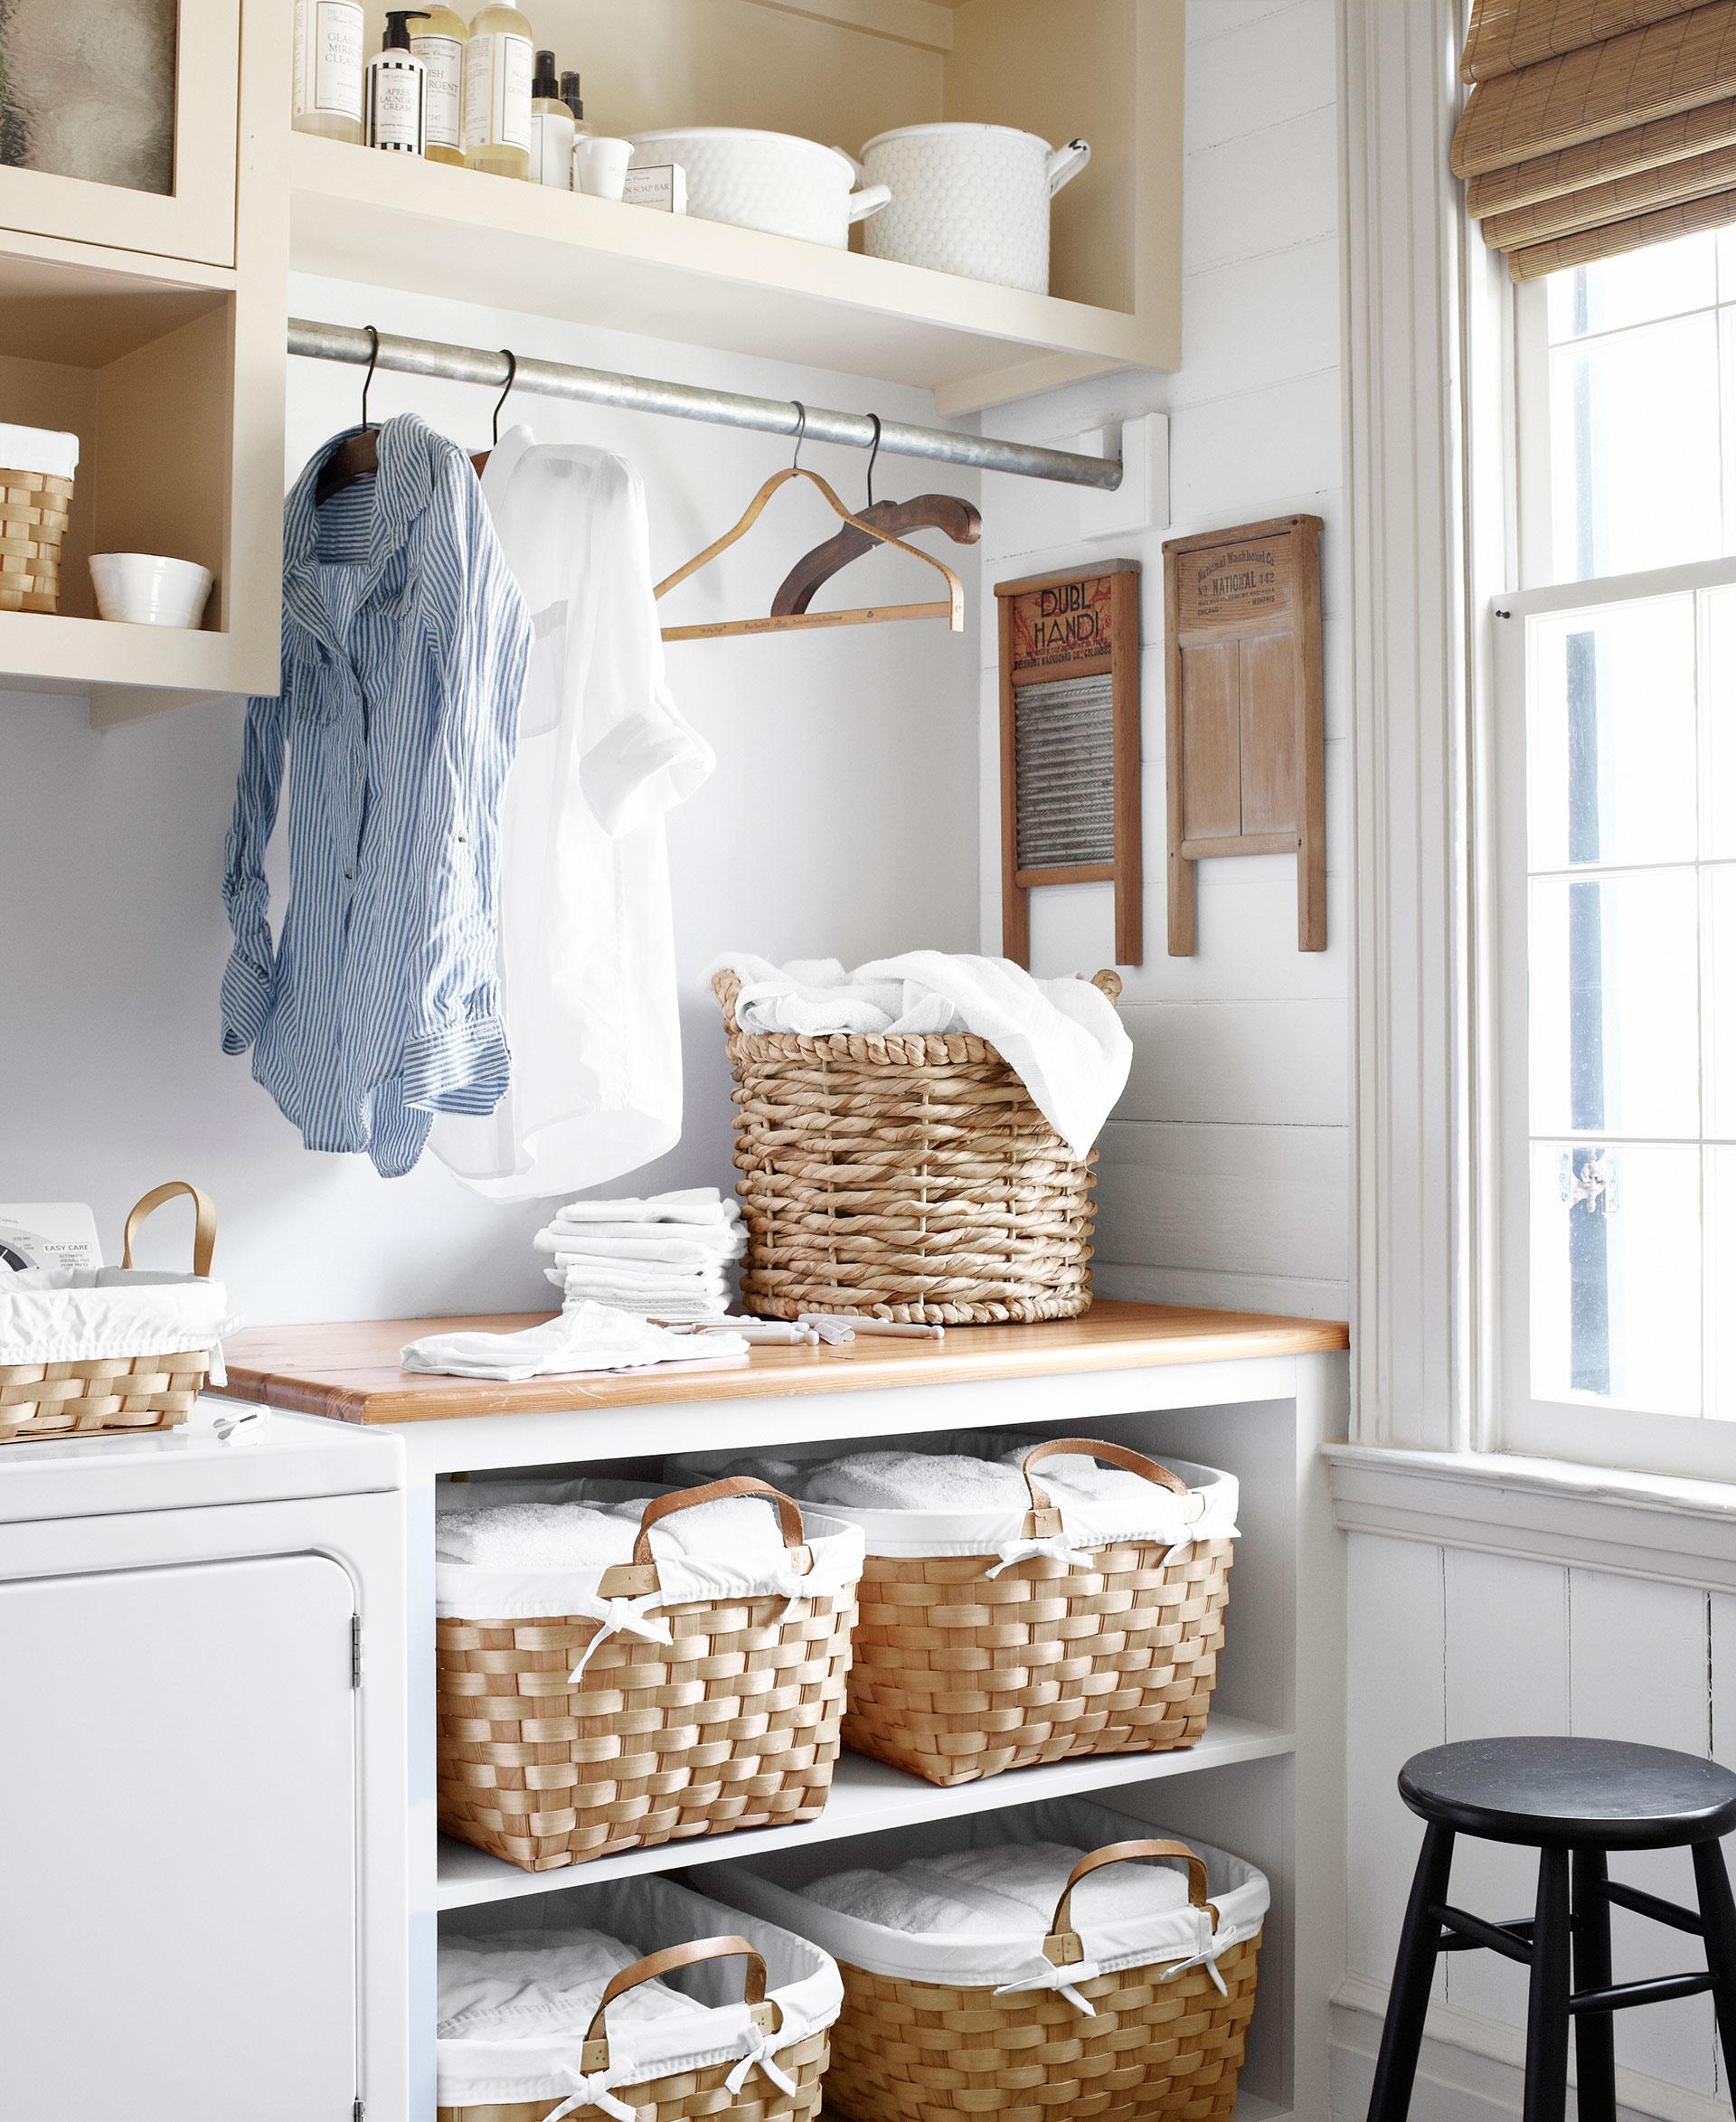 mud room ideas decorating a mud or laundry room - Mudroom Design Ideas